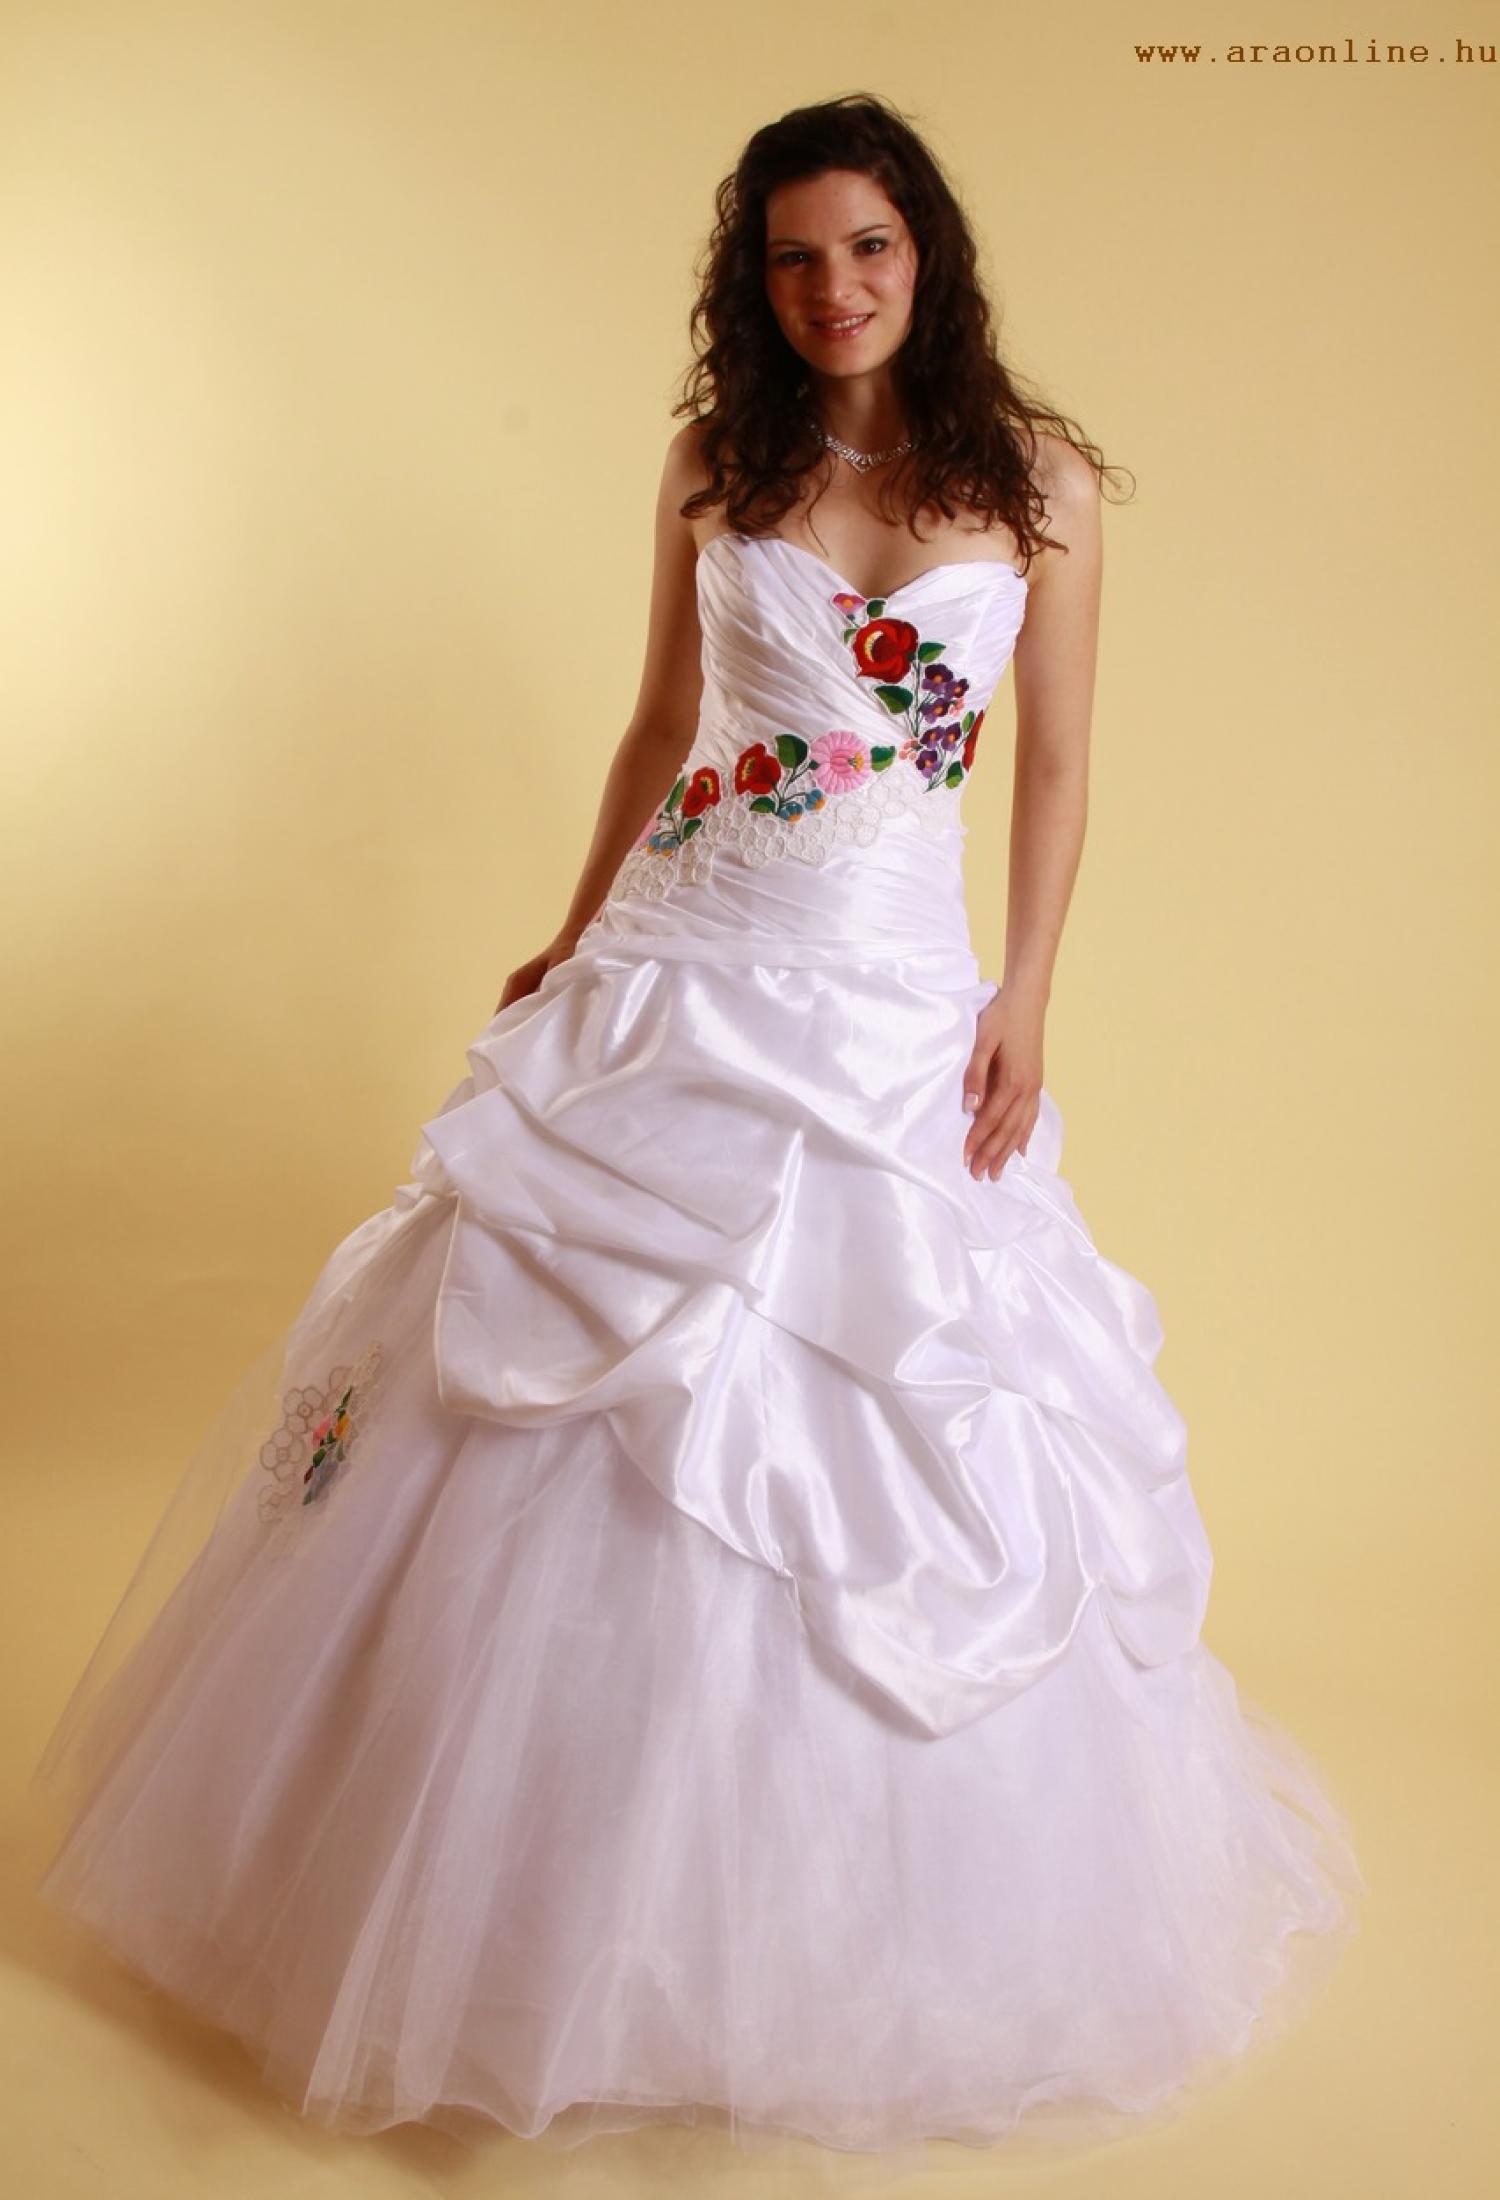 Kalocsai mintás menyasszonyi ruhák 2012 - Menyasszonyi ruhák 5c980fdcb3